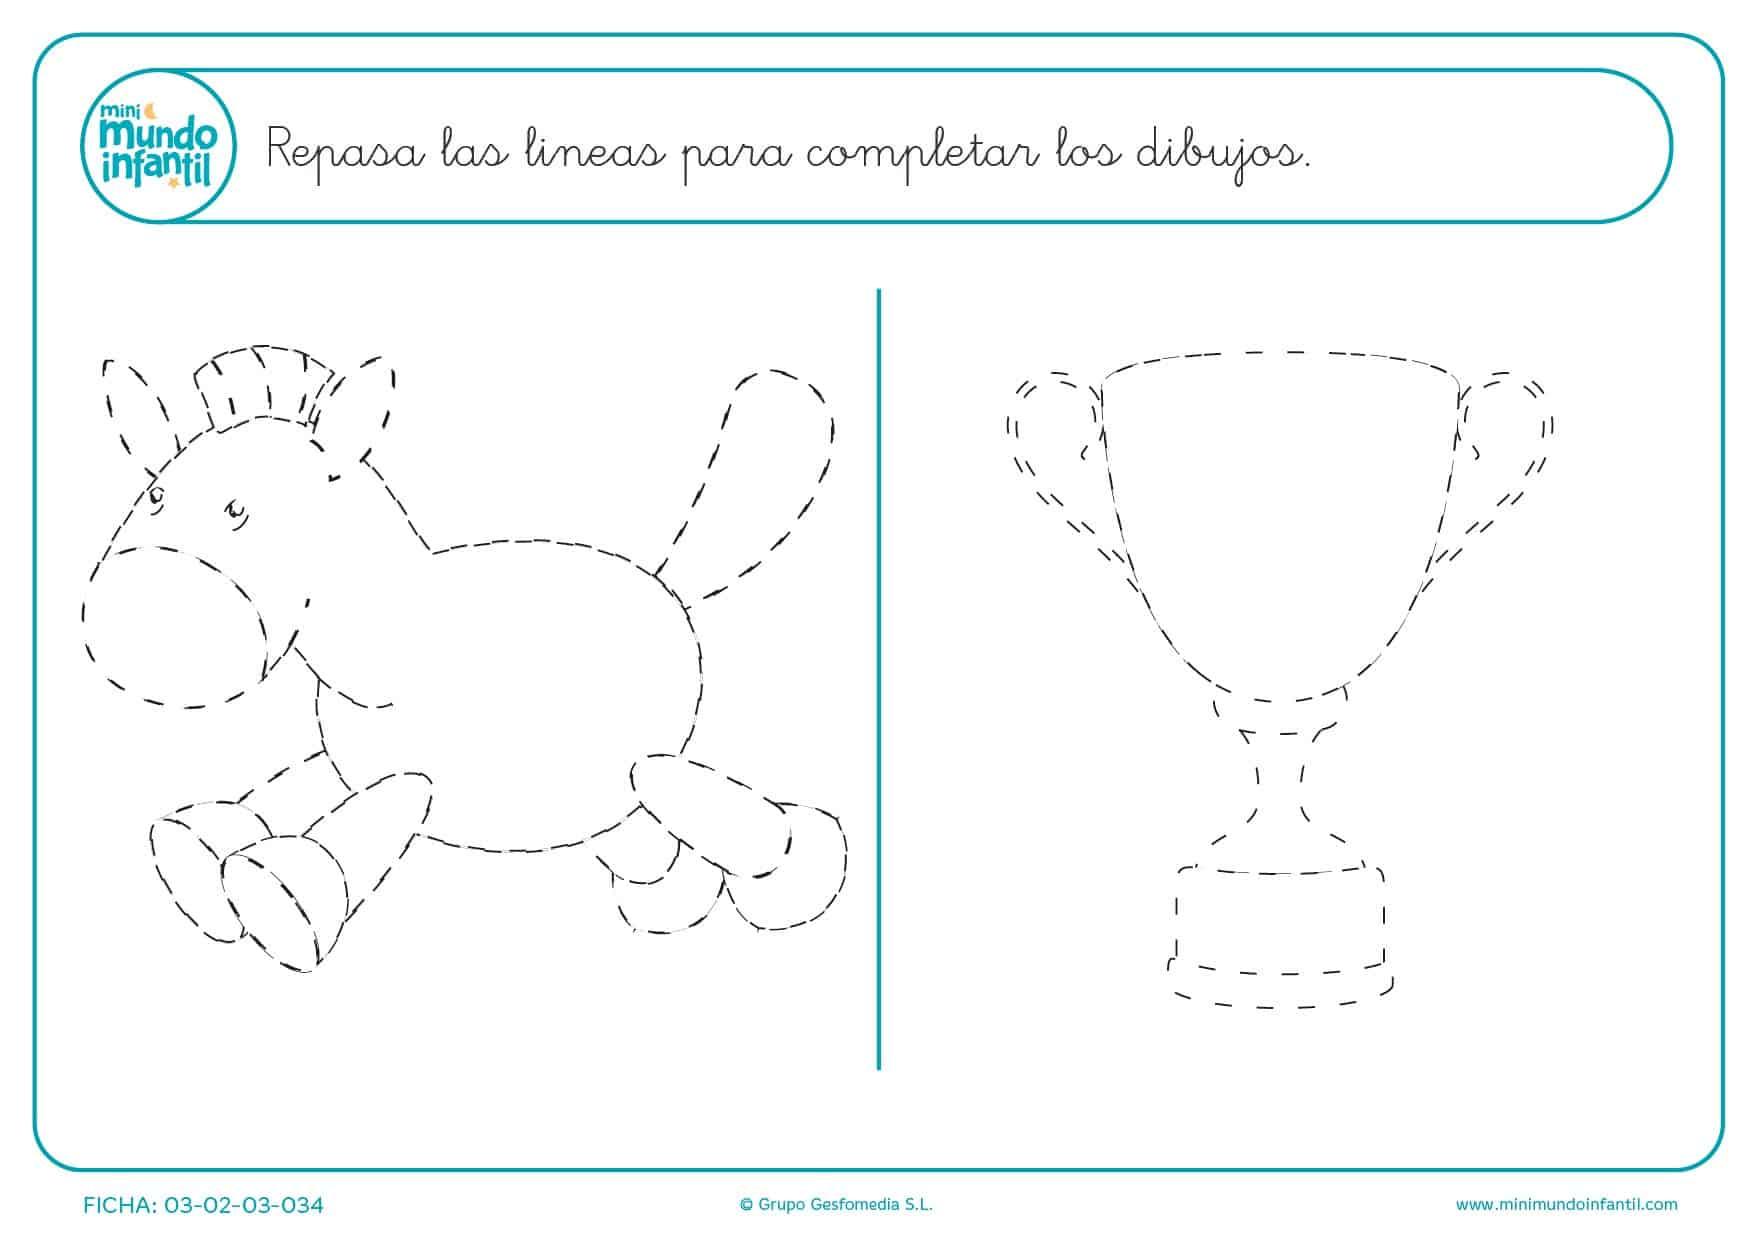 Seguir el trazado de los dibujos del caballo y la copa para completar